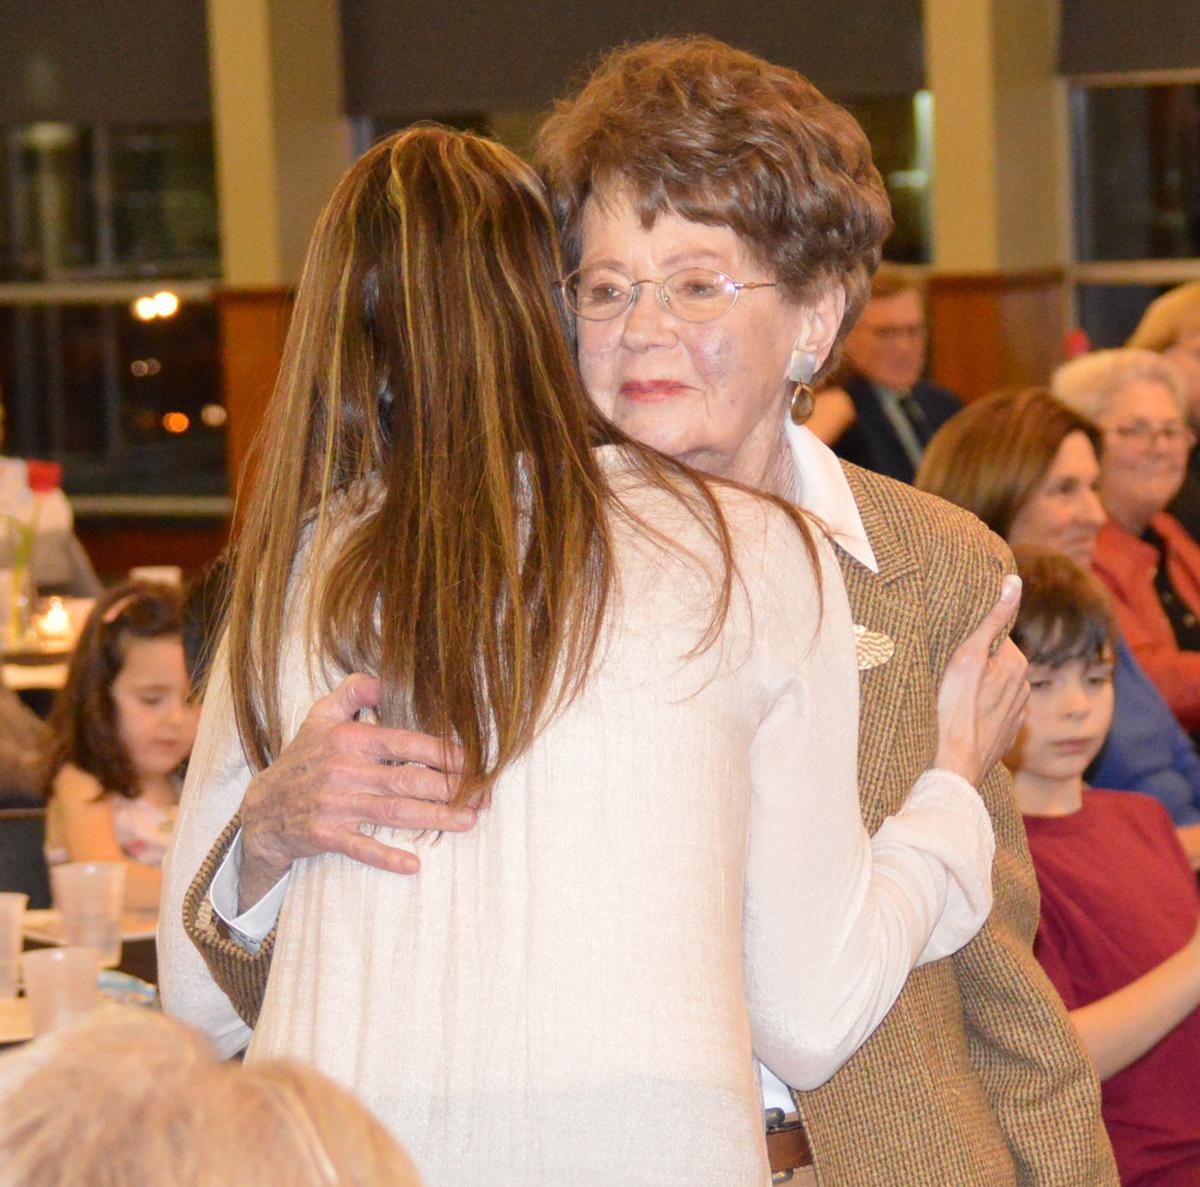 Joline Weart gets a hug from Jennifer Weart